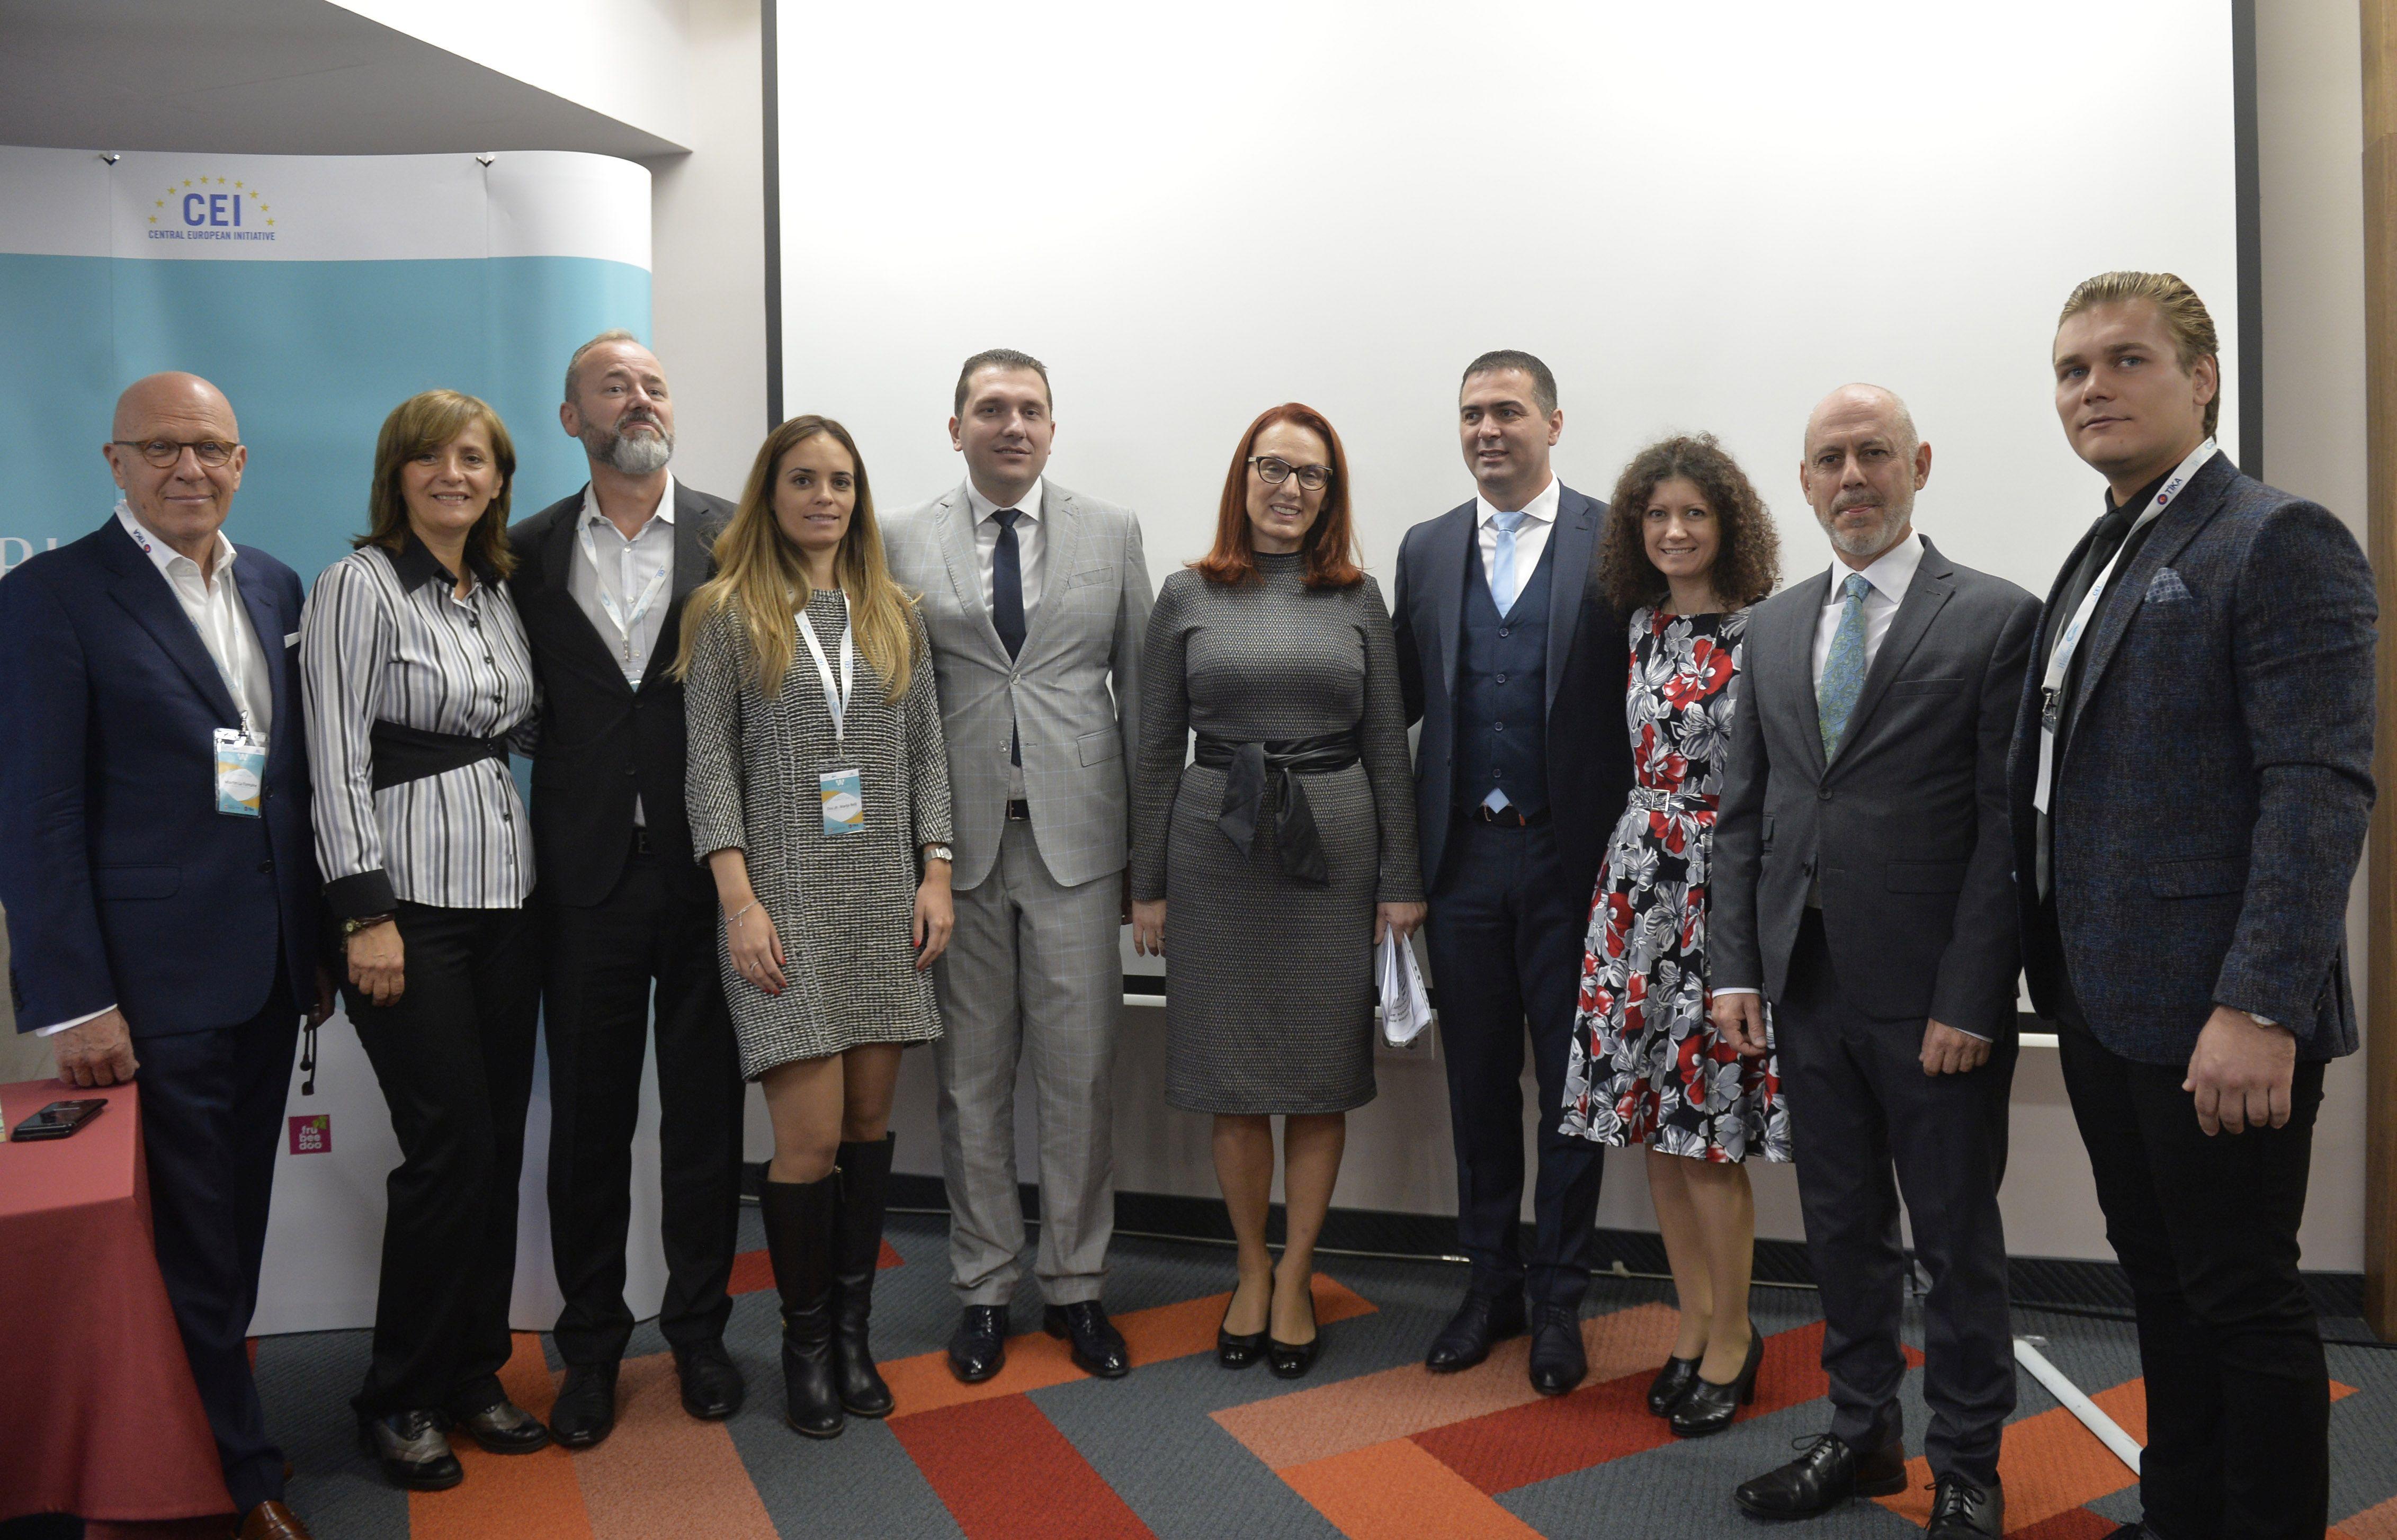 Održan 9.CEI regionalni forum